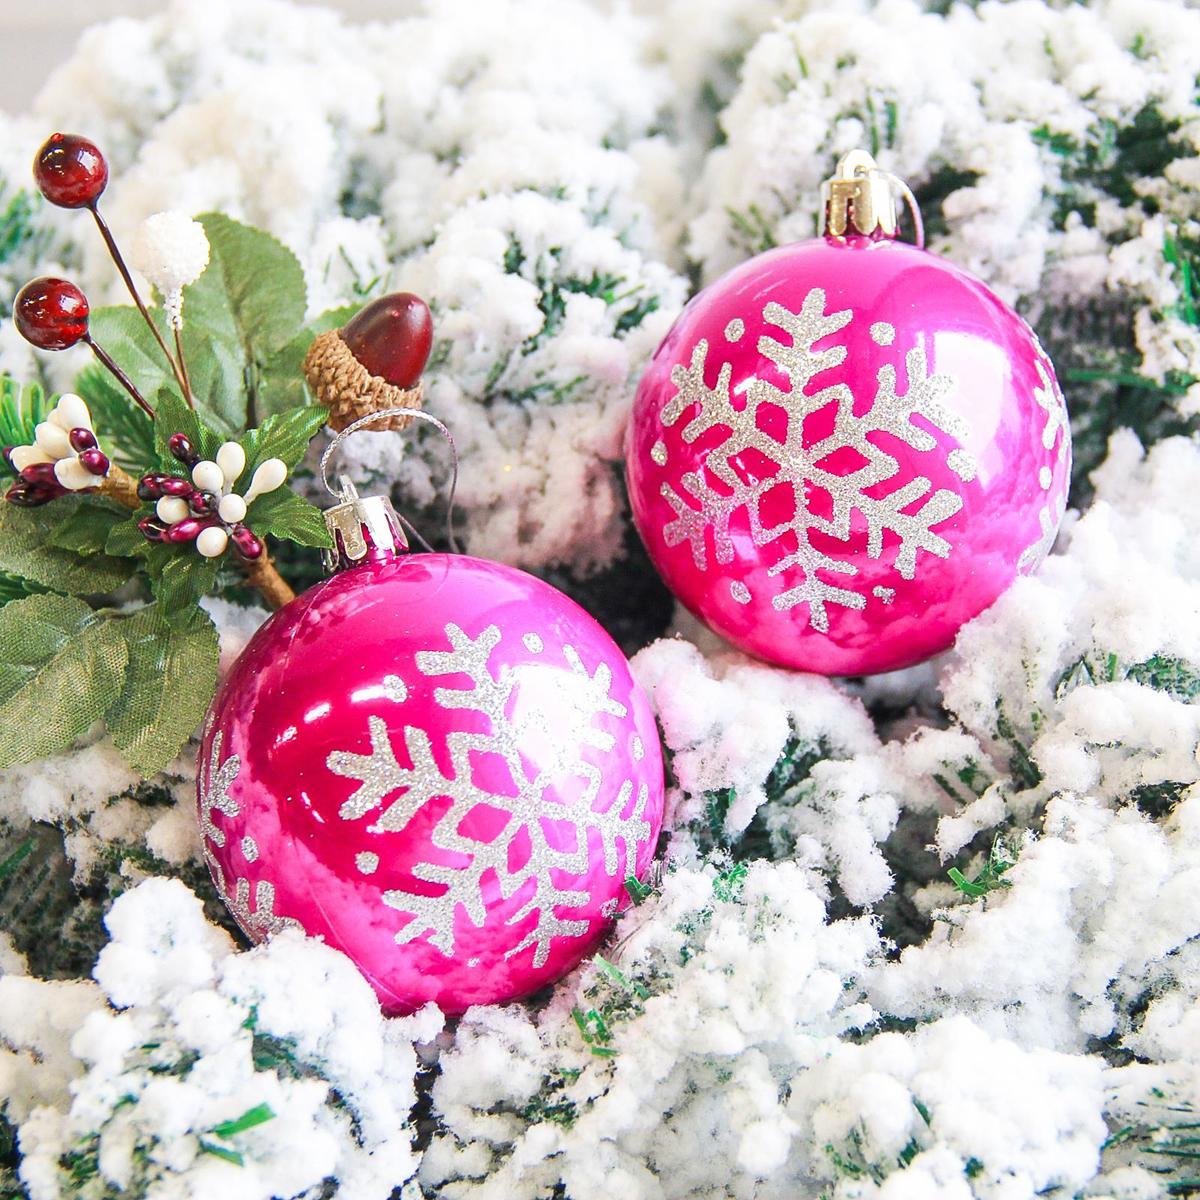 Набор новогодних подвесных украшений Sima-land Снежинка. Капель, цвет: малиновый, диаметр 7 см, 6 шт2178208Набор новогодних подвесных украшений Sima-land отлично подойдет для декорации вашего дома и новогодней ели. С помощью специальной петельки украшение можно повесить в любом понравившемся вам месте. Но, конечно, удачнее всего оно будет смотреться на праздничной елке. Елочная игрушка - символ Нового года. Она несет в себе волшебство и красоту праздника. Создайте в своем доме атмосферу веселья и радости, украшая новогоднюю елку нарядными игрушками, которые будут из года в год накапливать теплоту воспоминаний.